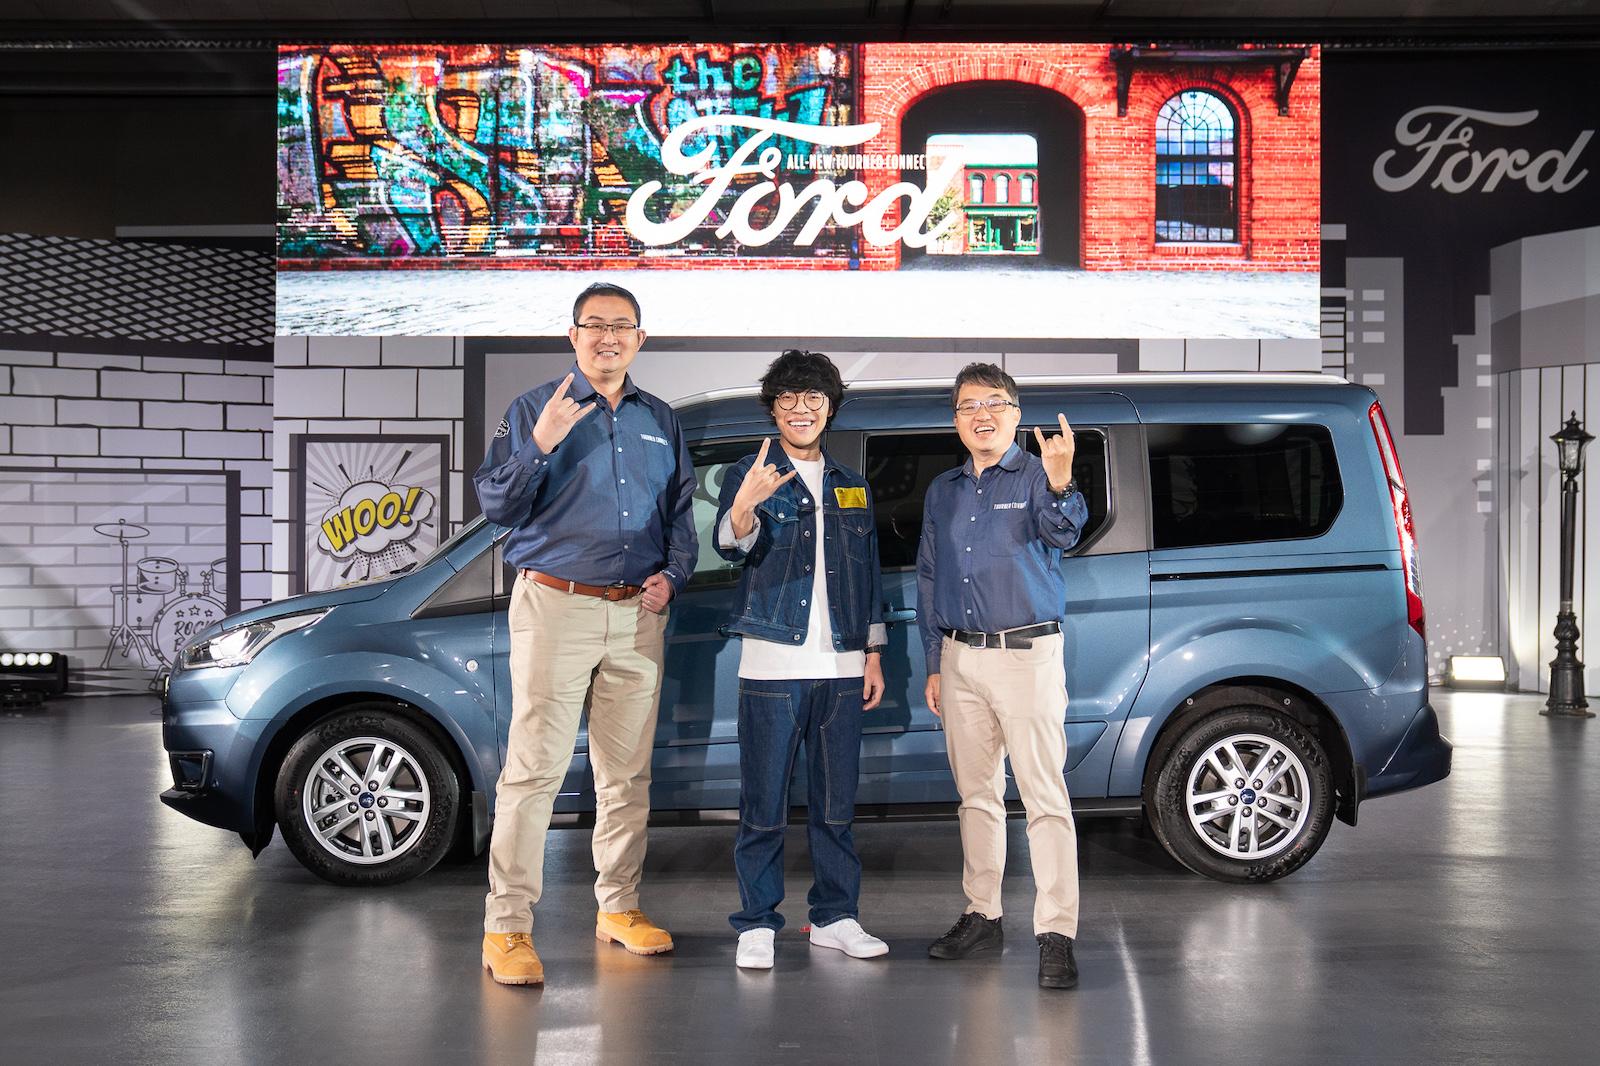 圖左起福特六和汽車總裁 邴兆齊、盧廣仲、福特六和汽車營銷服務處副總經理 蘇嘉明。